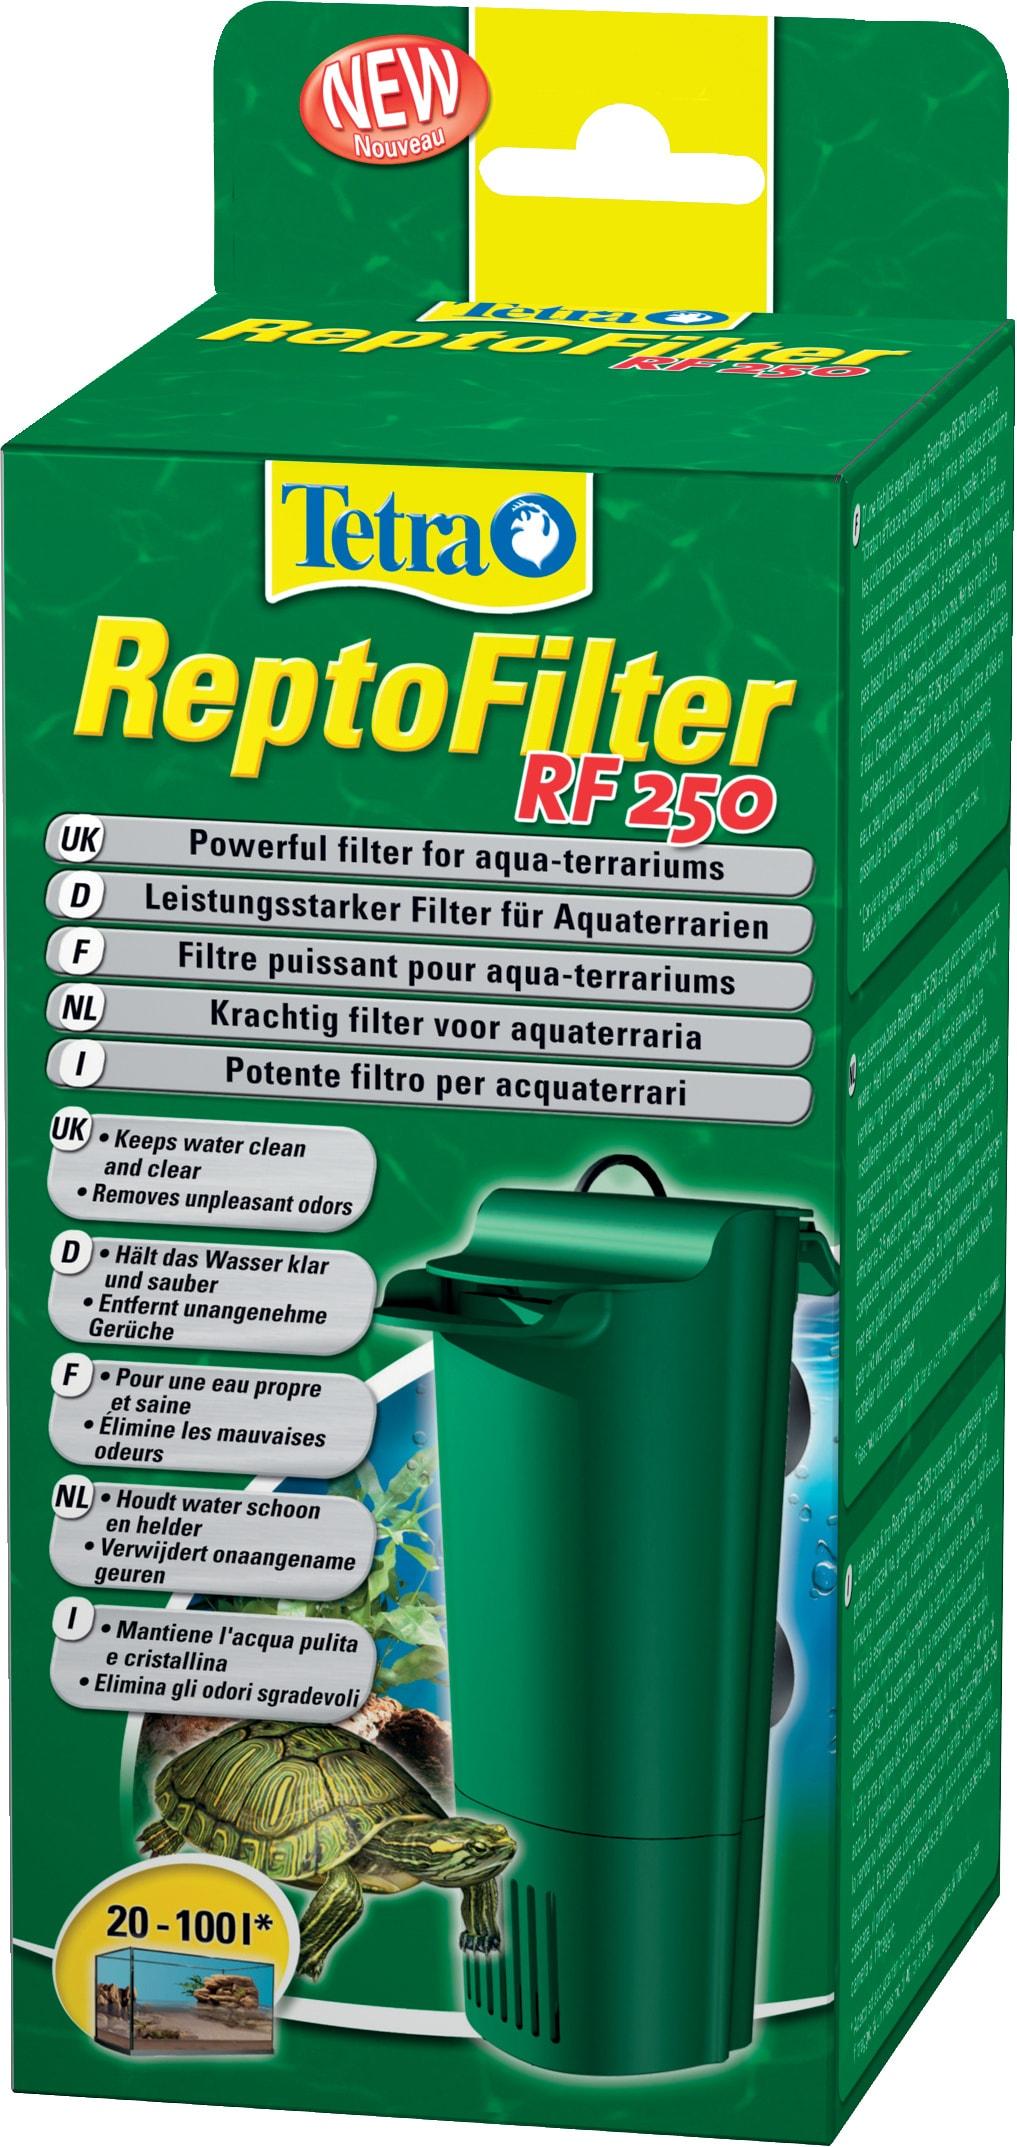 TETRA ReptoFilter RF 250 filtre complet pour aquaterrrium de 20 à 100 L